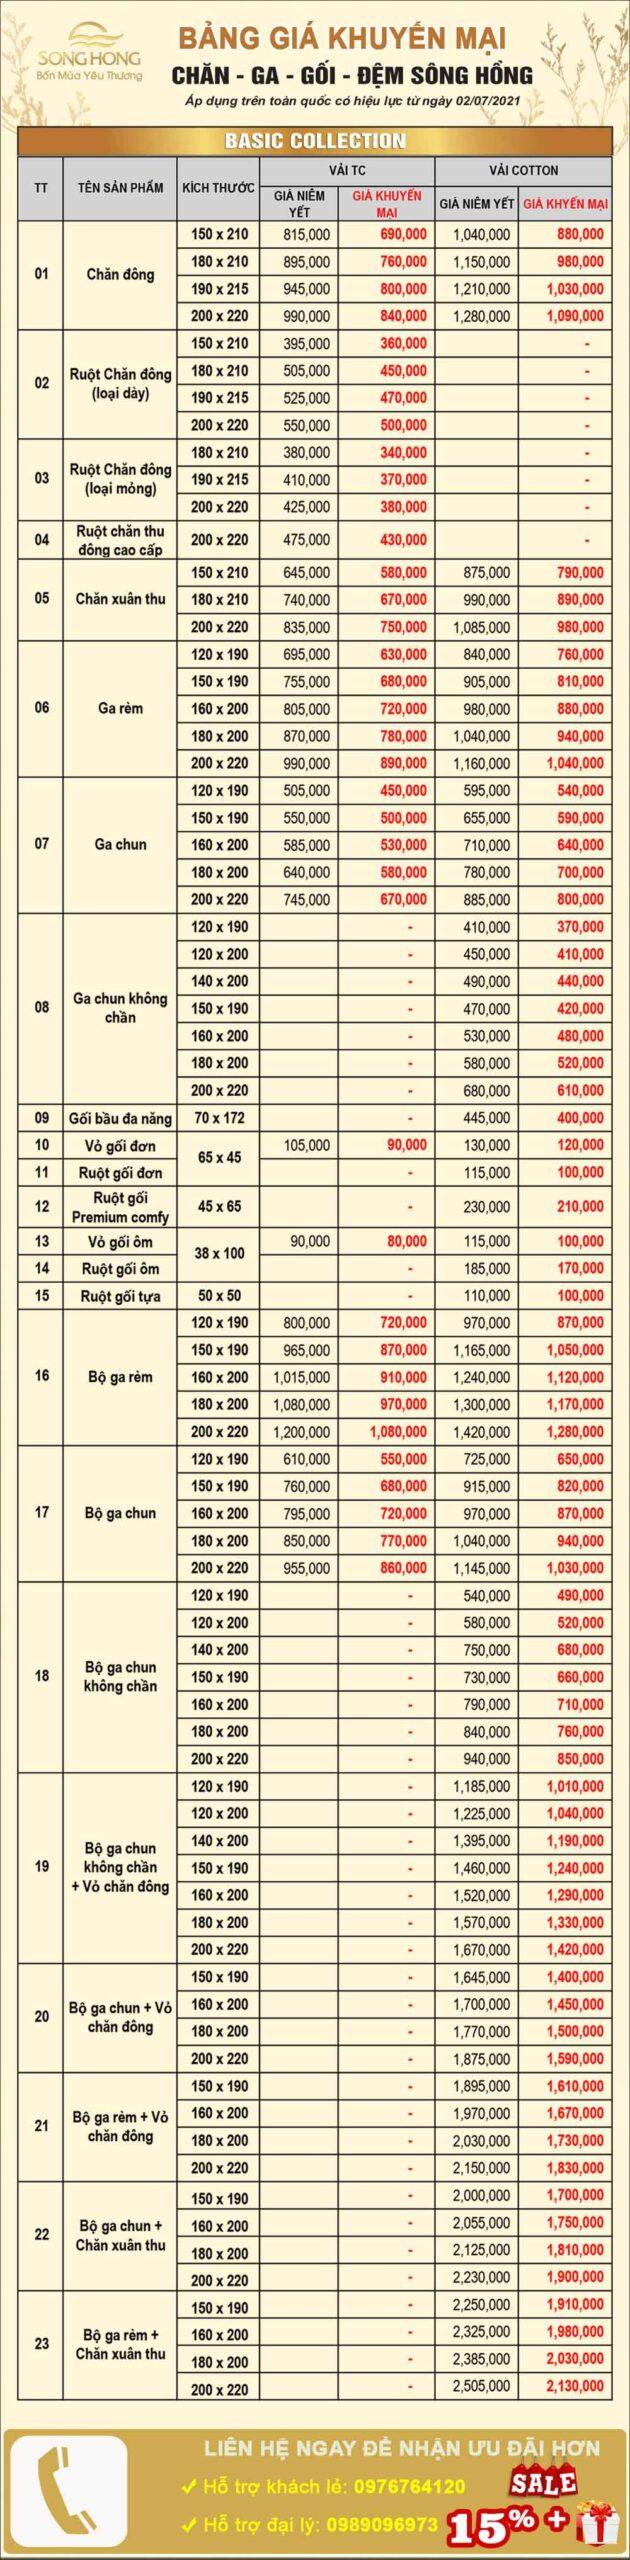 Bảng giá bộ chăn ga gối Sông Hồng dòng Basic (classic) collection